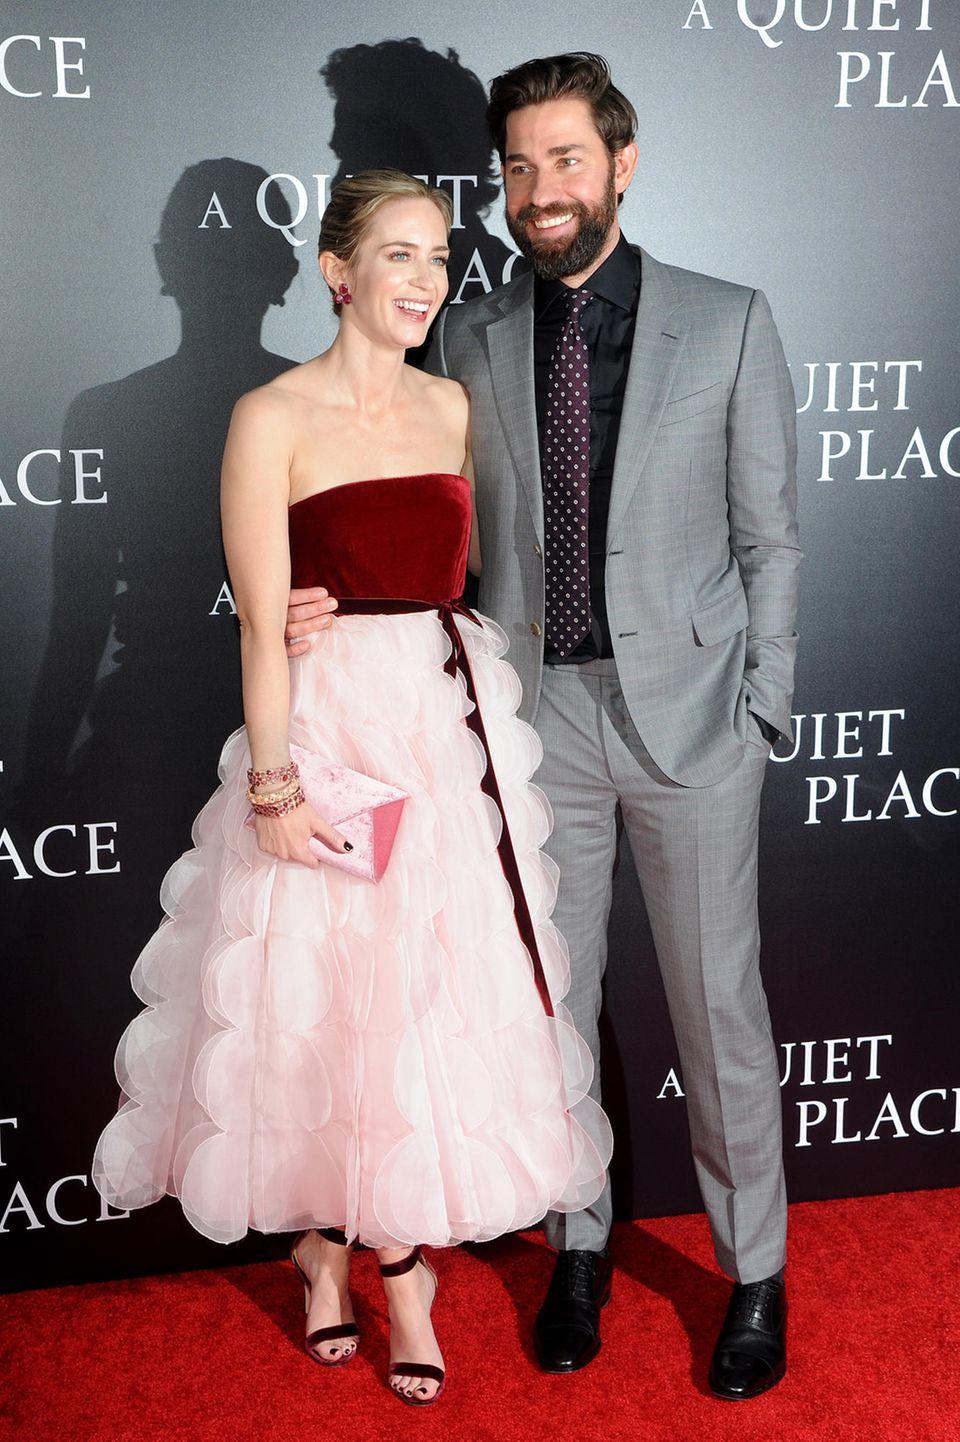 """Emily Blunt und John Krasinki sind wirklich ein Vorzeige-Paar, erst recht auf dem roten tepich. Bei der Premiere von """"A Quiet Place"""" in New York bezaubert sie im verspielten Samt-und Tüll-Kleid von Oscar de la Renta, während in grauem Anzug dezent seine Frau strahlen lässt."""